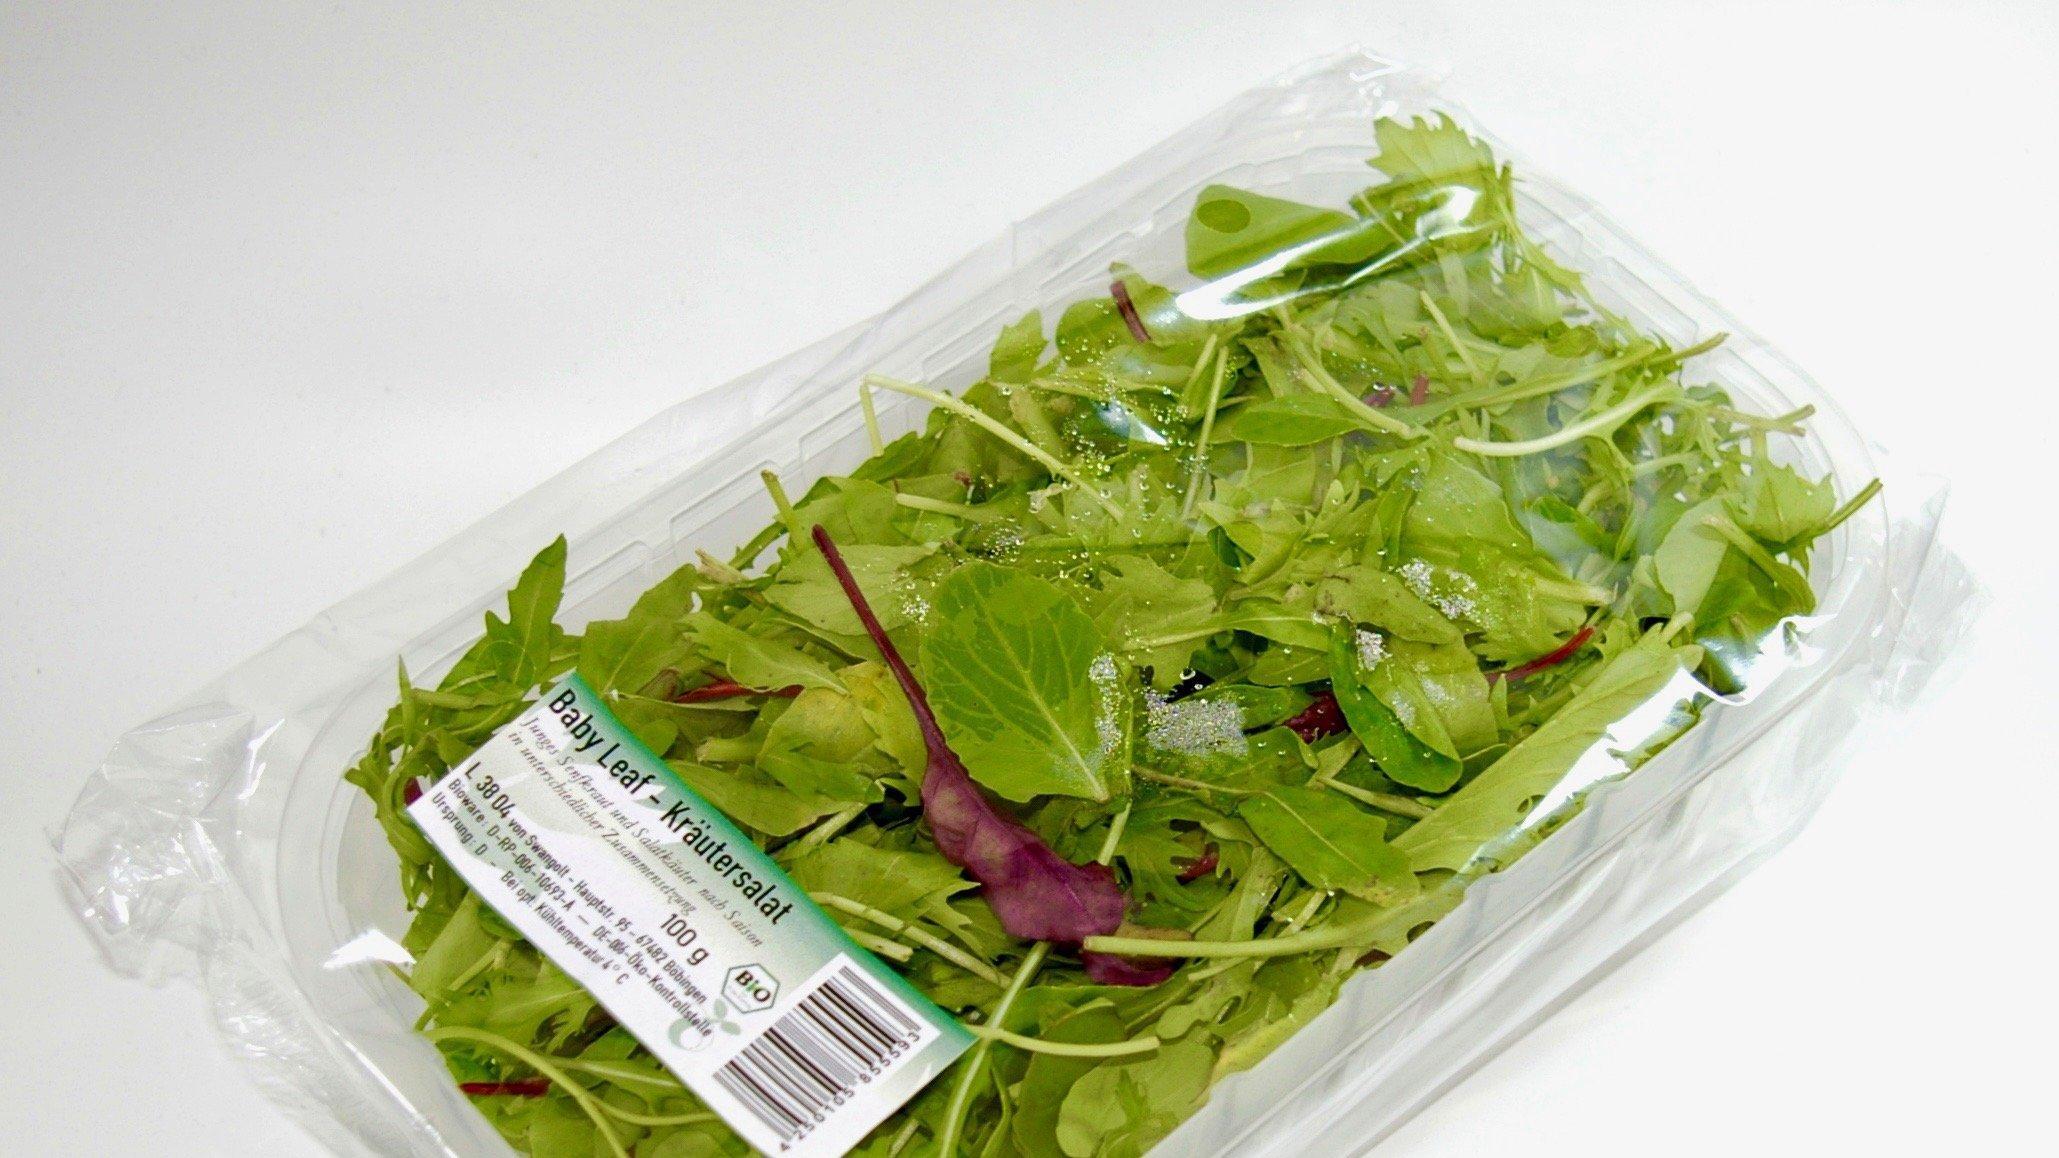 Zu sehen ist ein Salat in einer Biokunststoff-Verpackung.